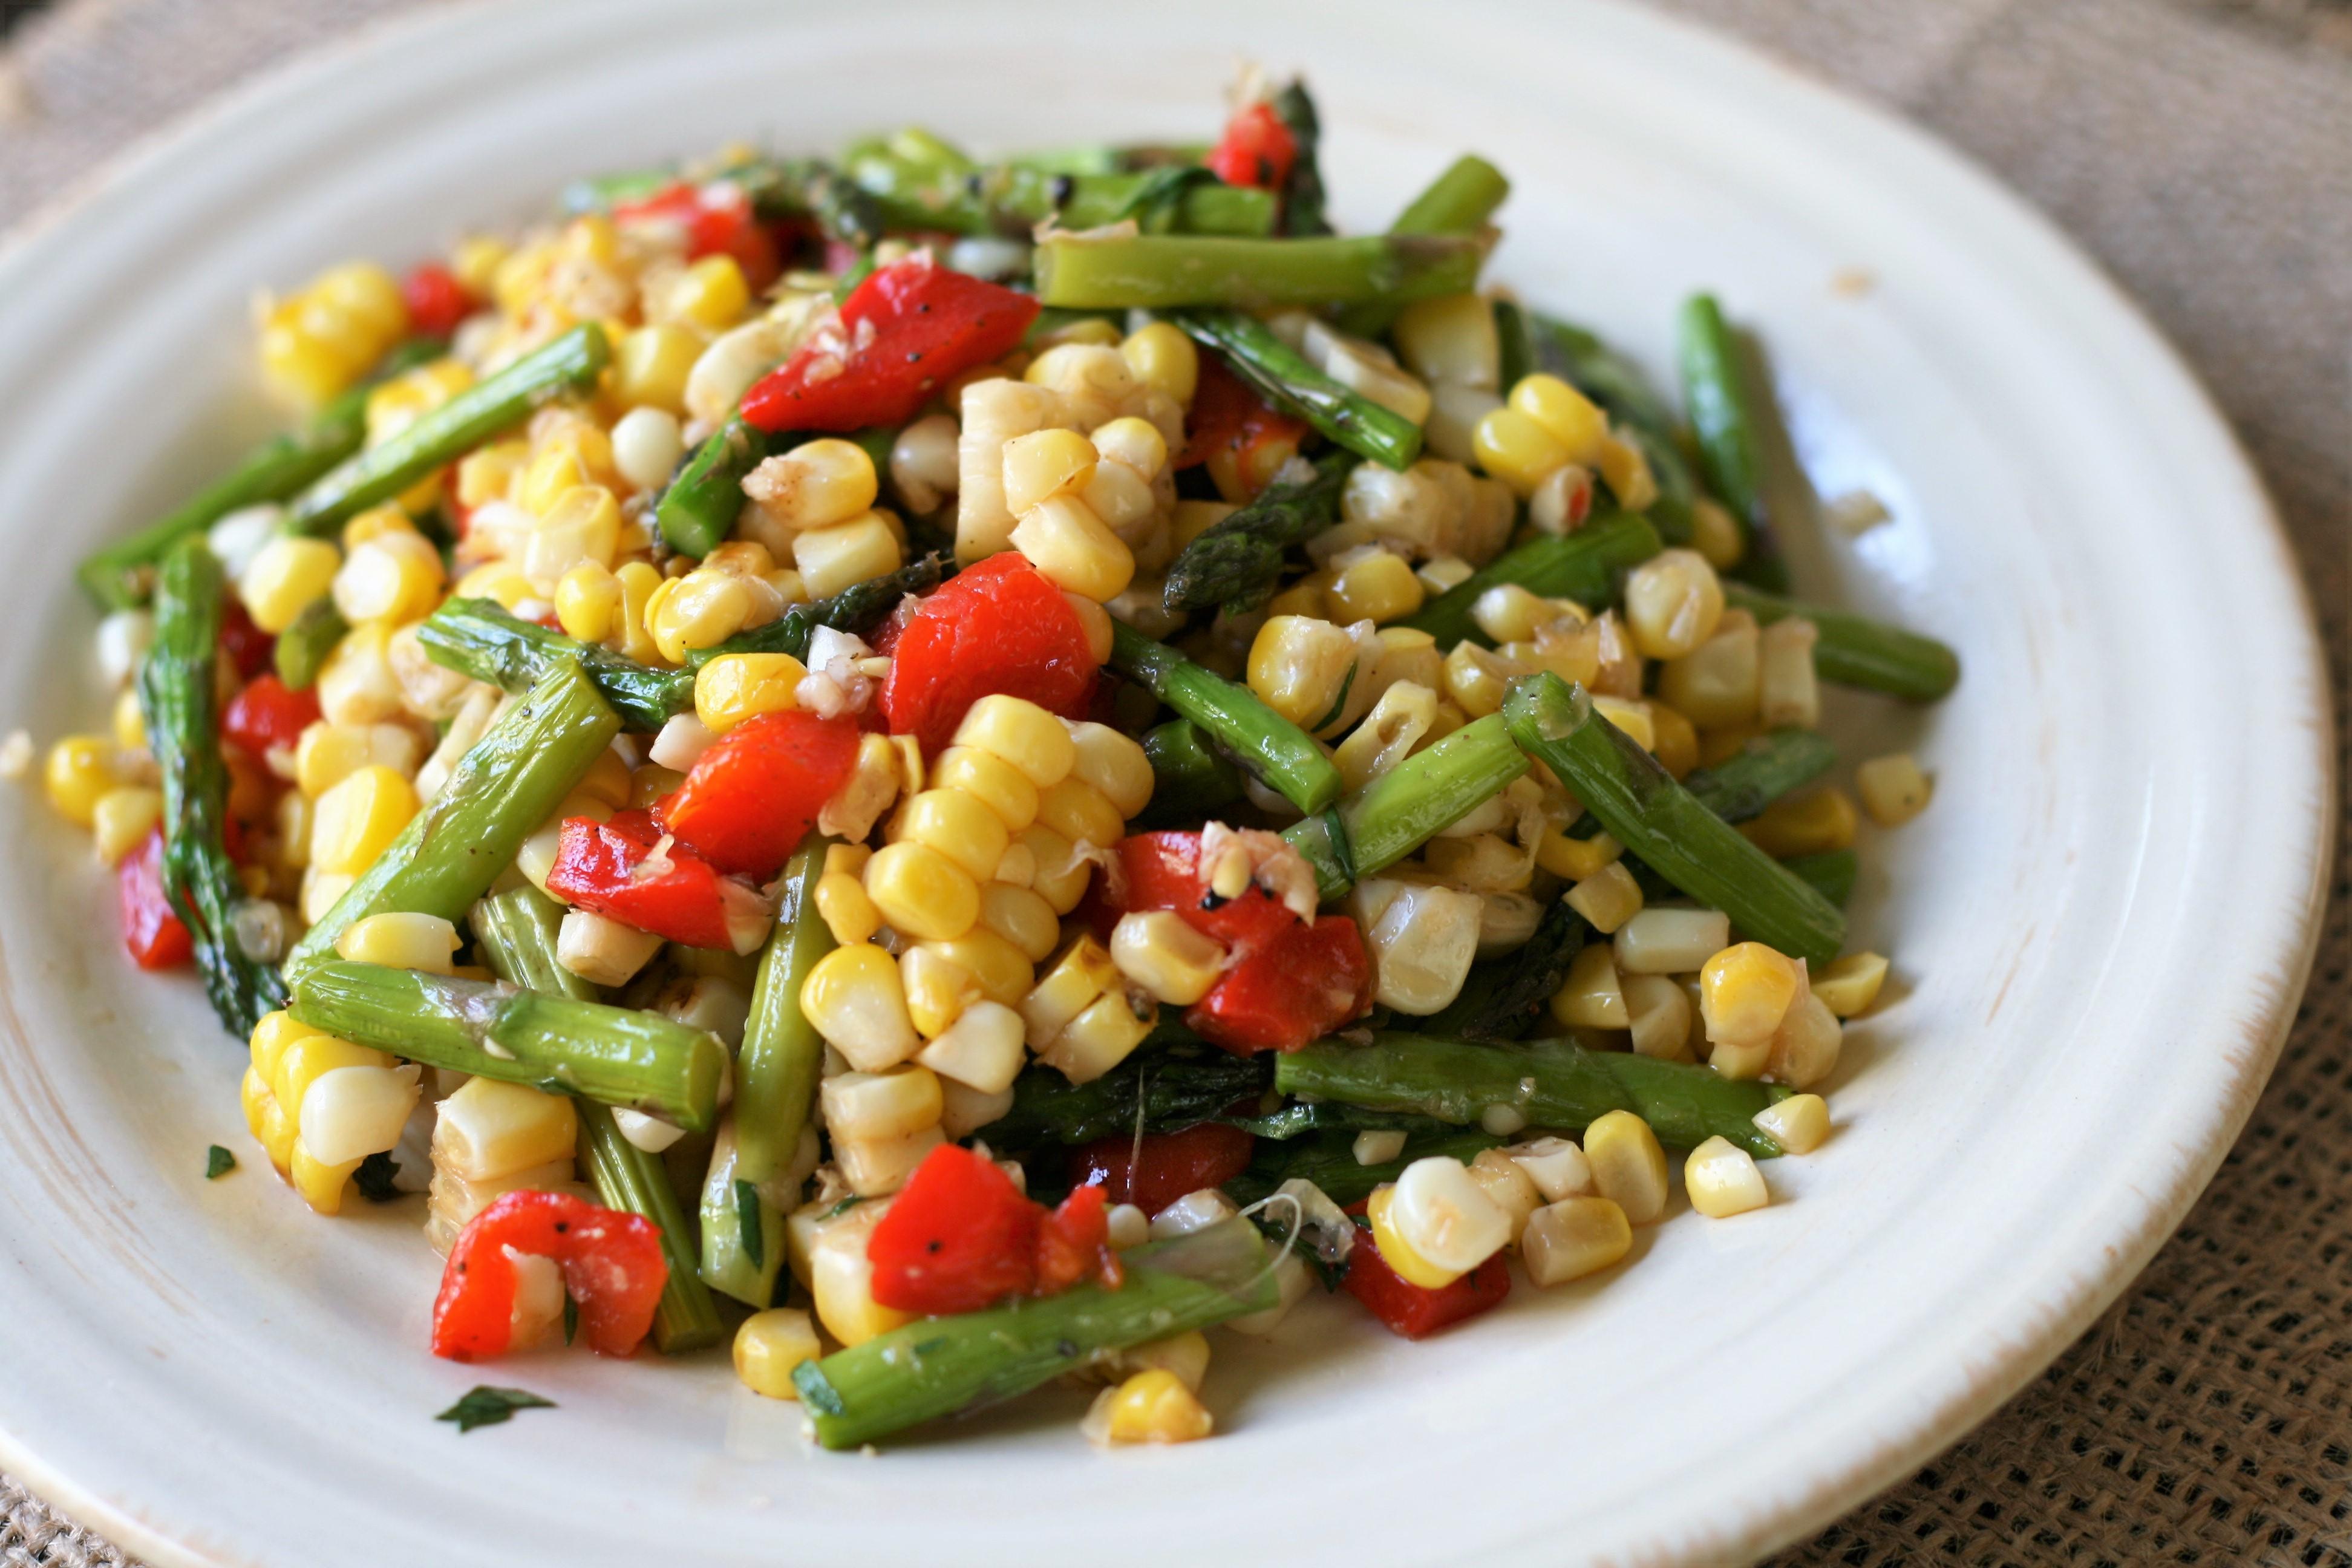 Summer Corn Salad with Asparagus